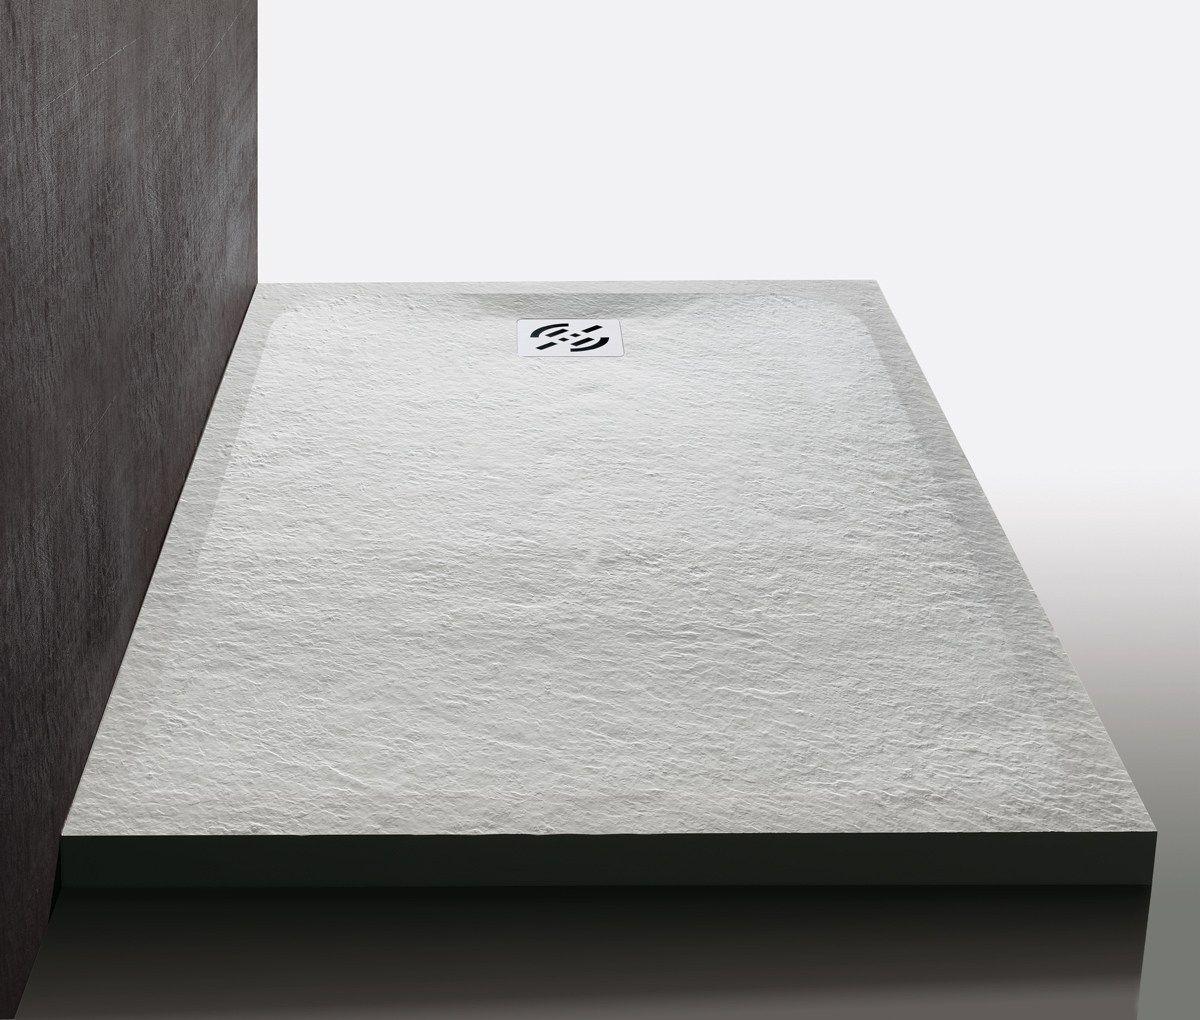 Samo stone piatto doccia antiscivolo in mineralmarmo 80 - Piatto doccia nero ...